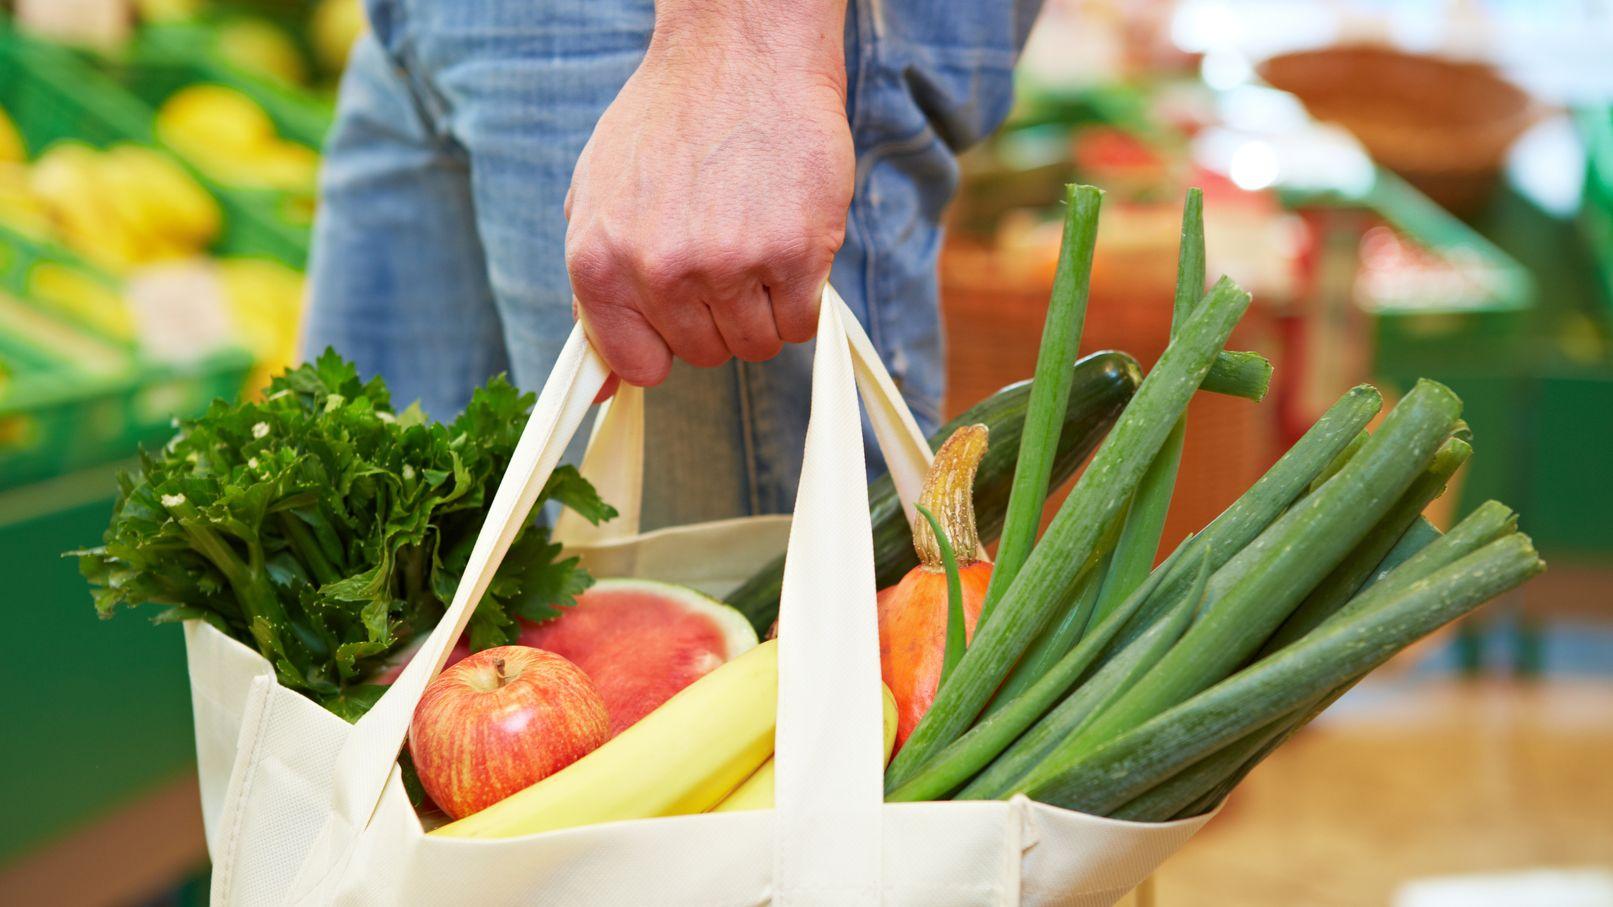 Frisches Obst und Gemüse vom Markt ist gesund und lecker. Aber ein Fleisch darf für viele trotzdem nicht fehlen.